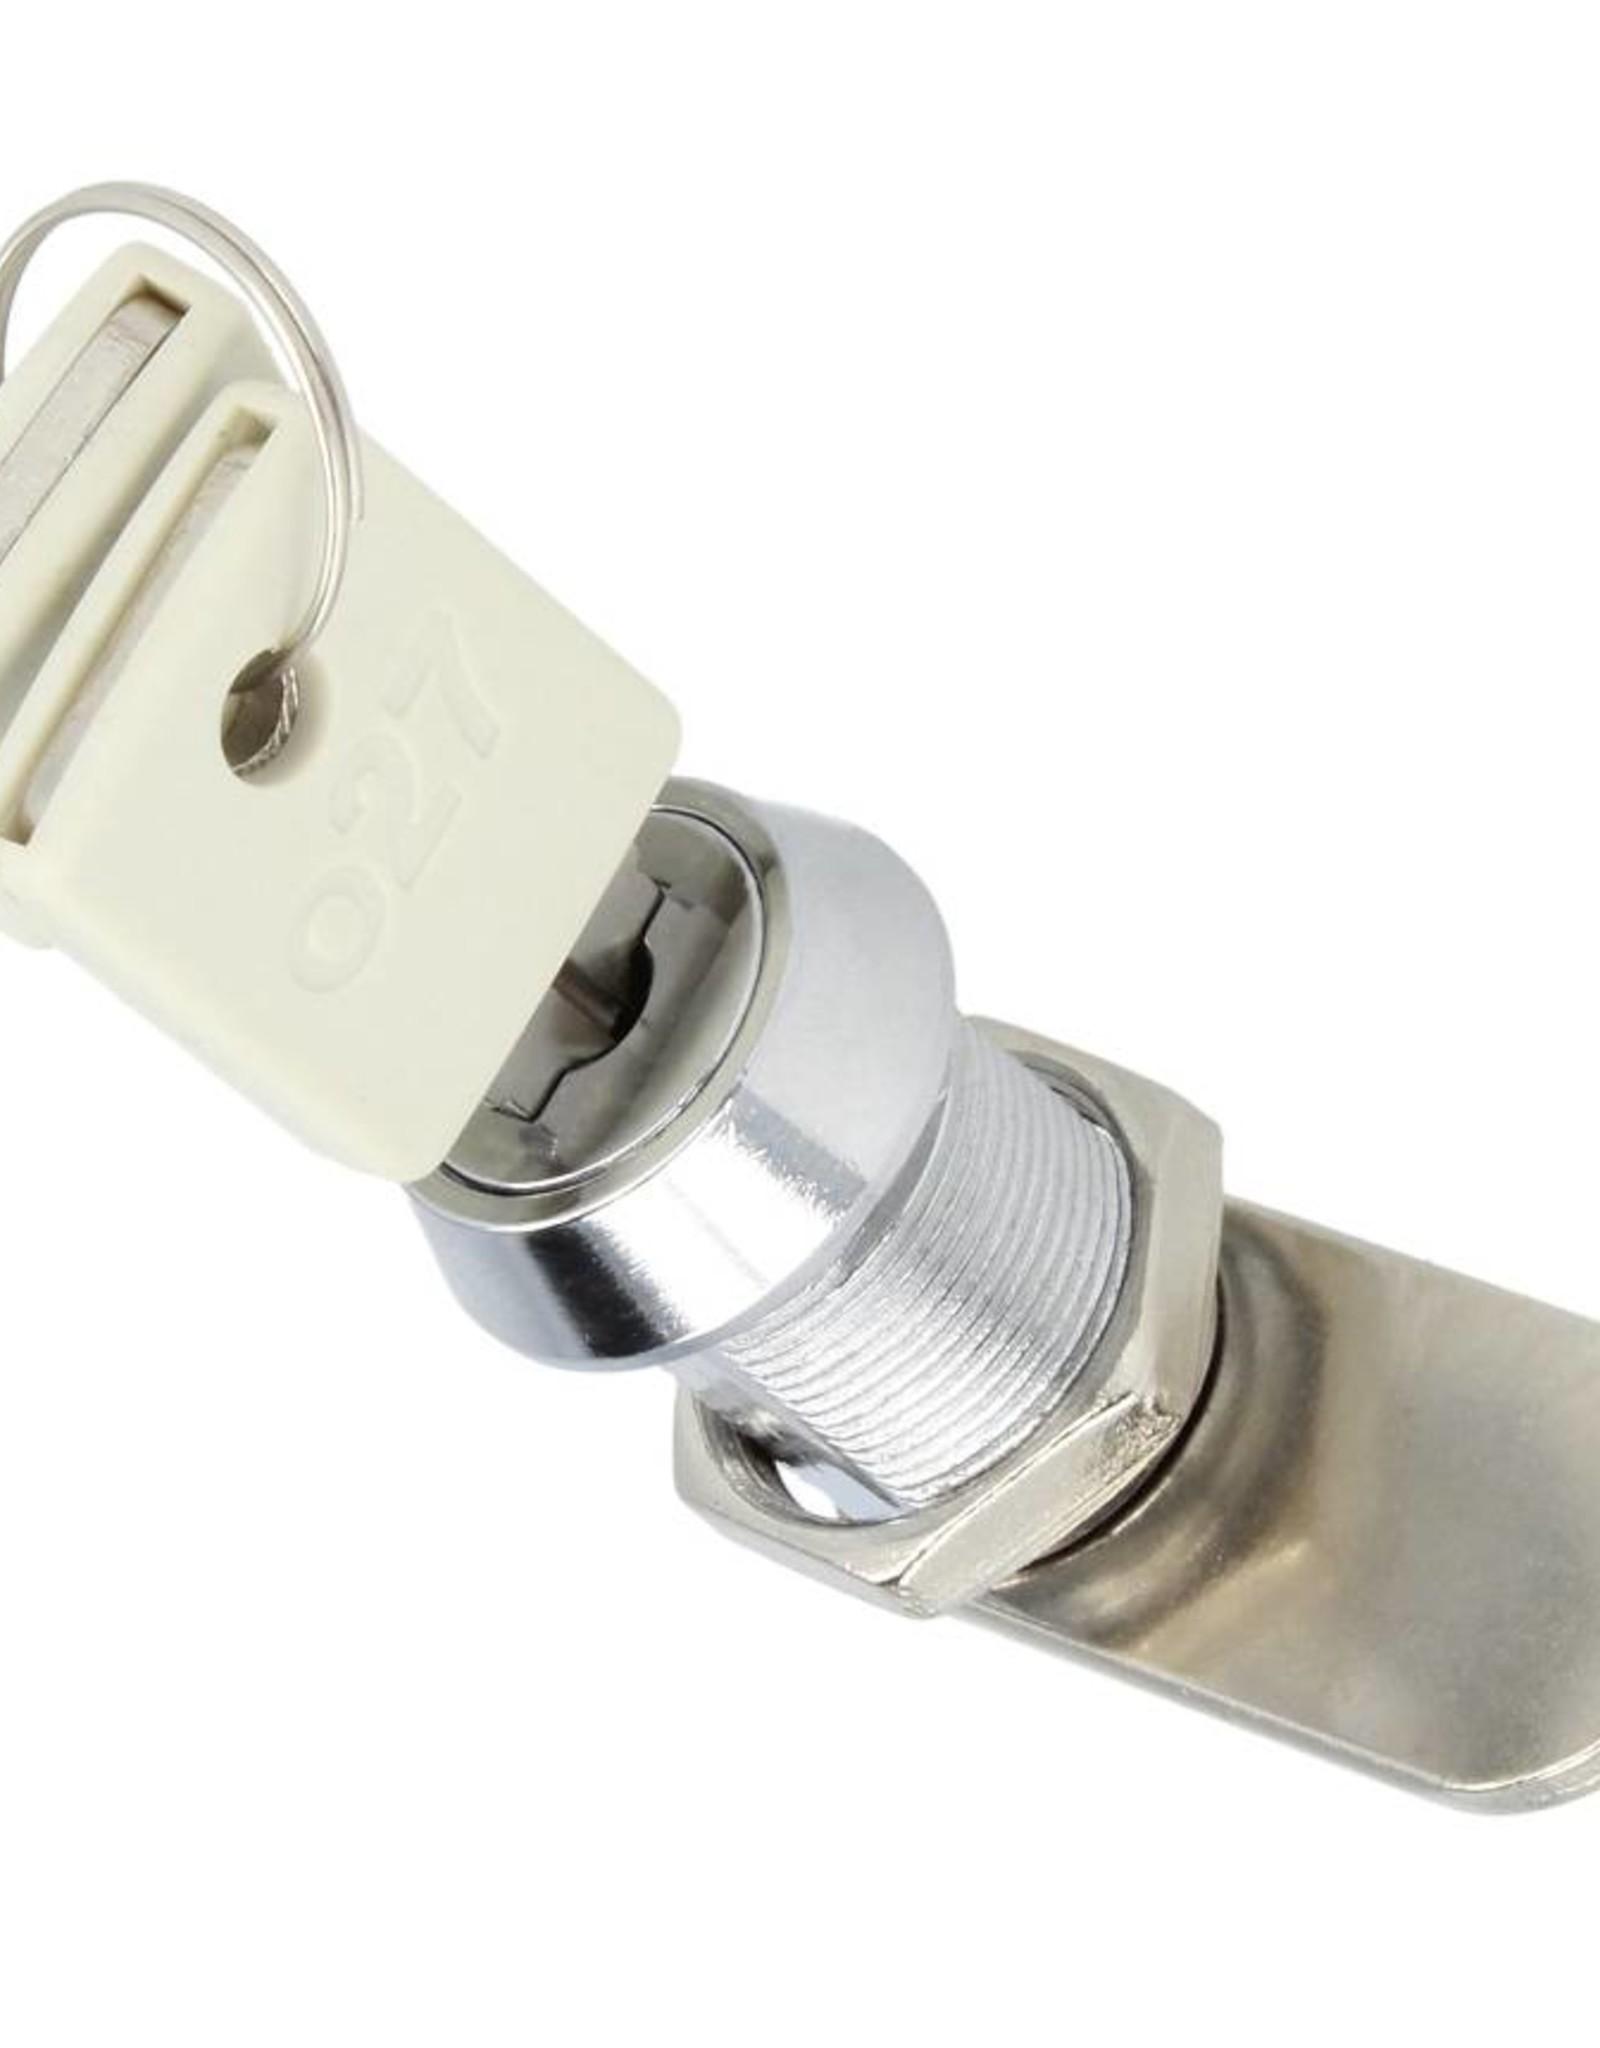 o27 Zylinderschloss mit 4 Schlüsseln